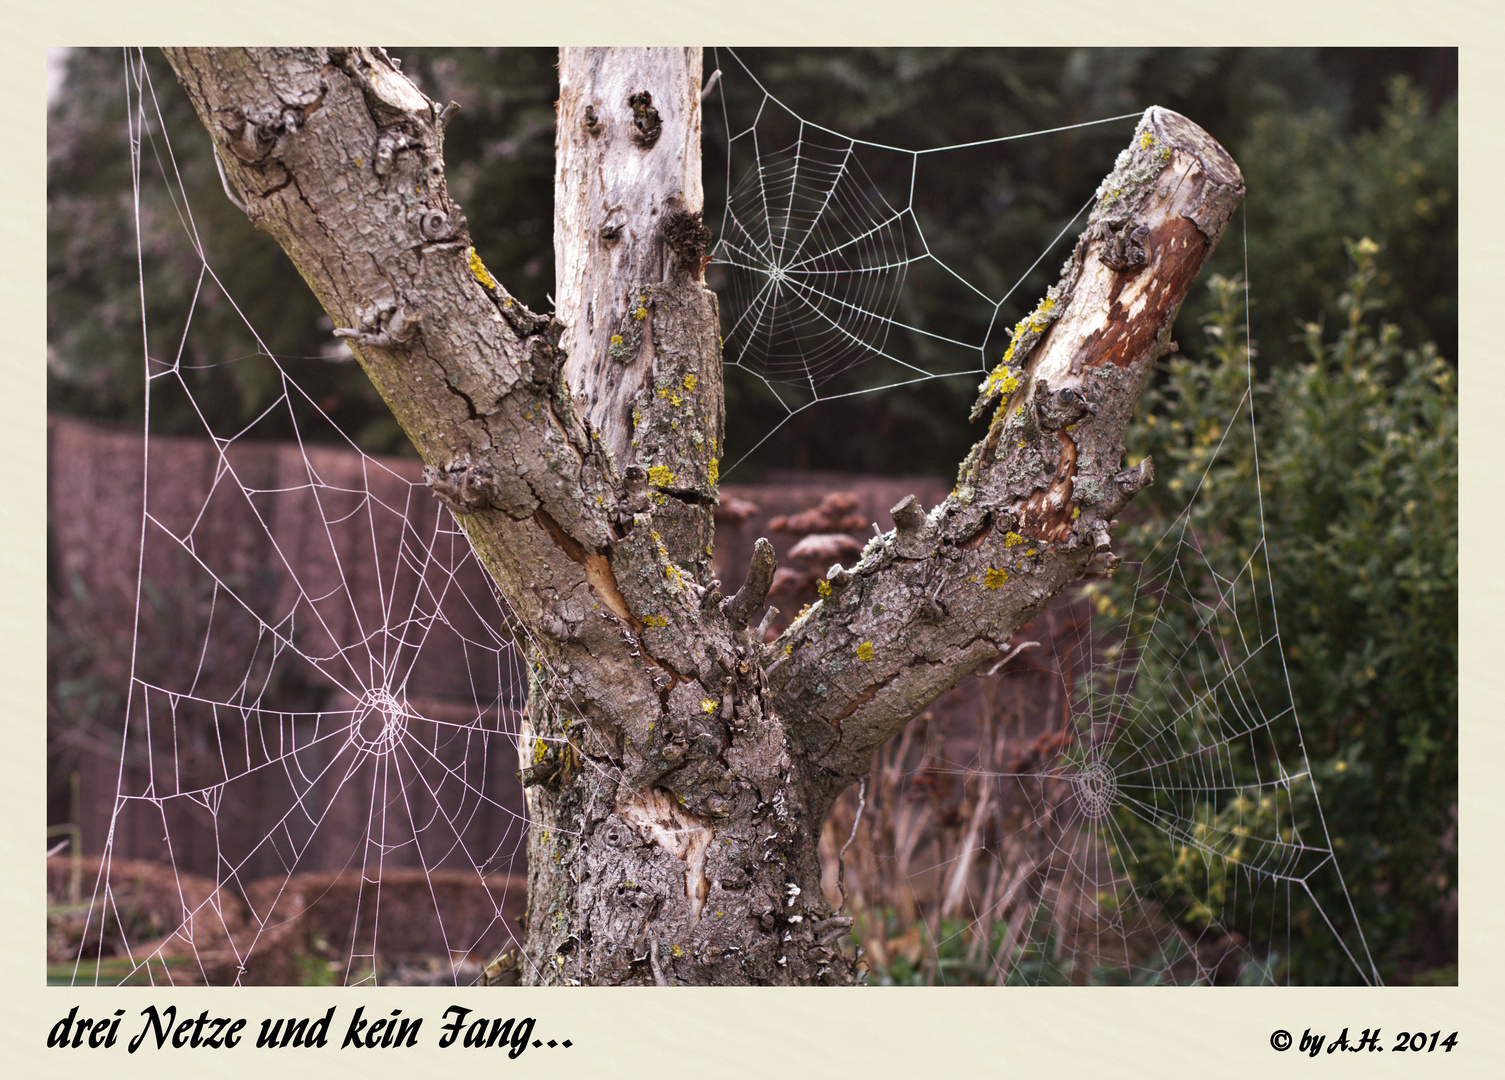 drei Netze und kein Fang...